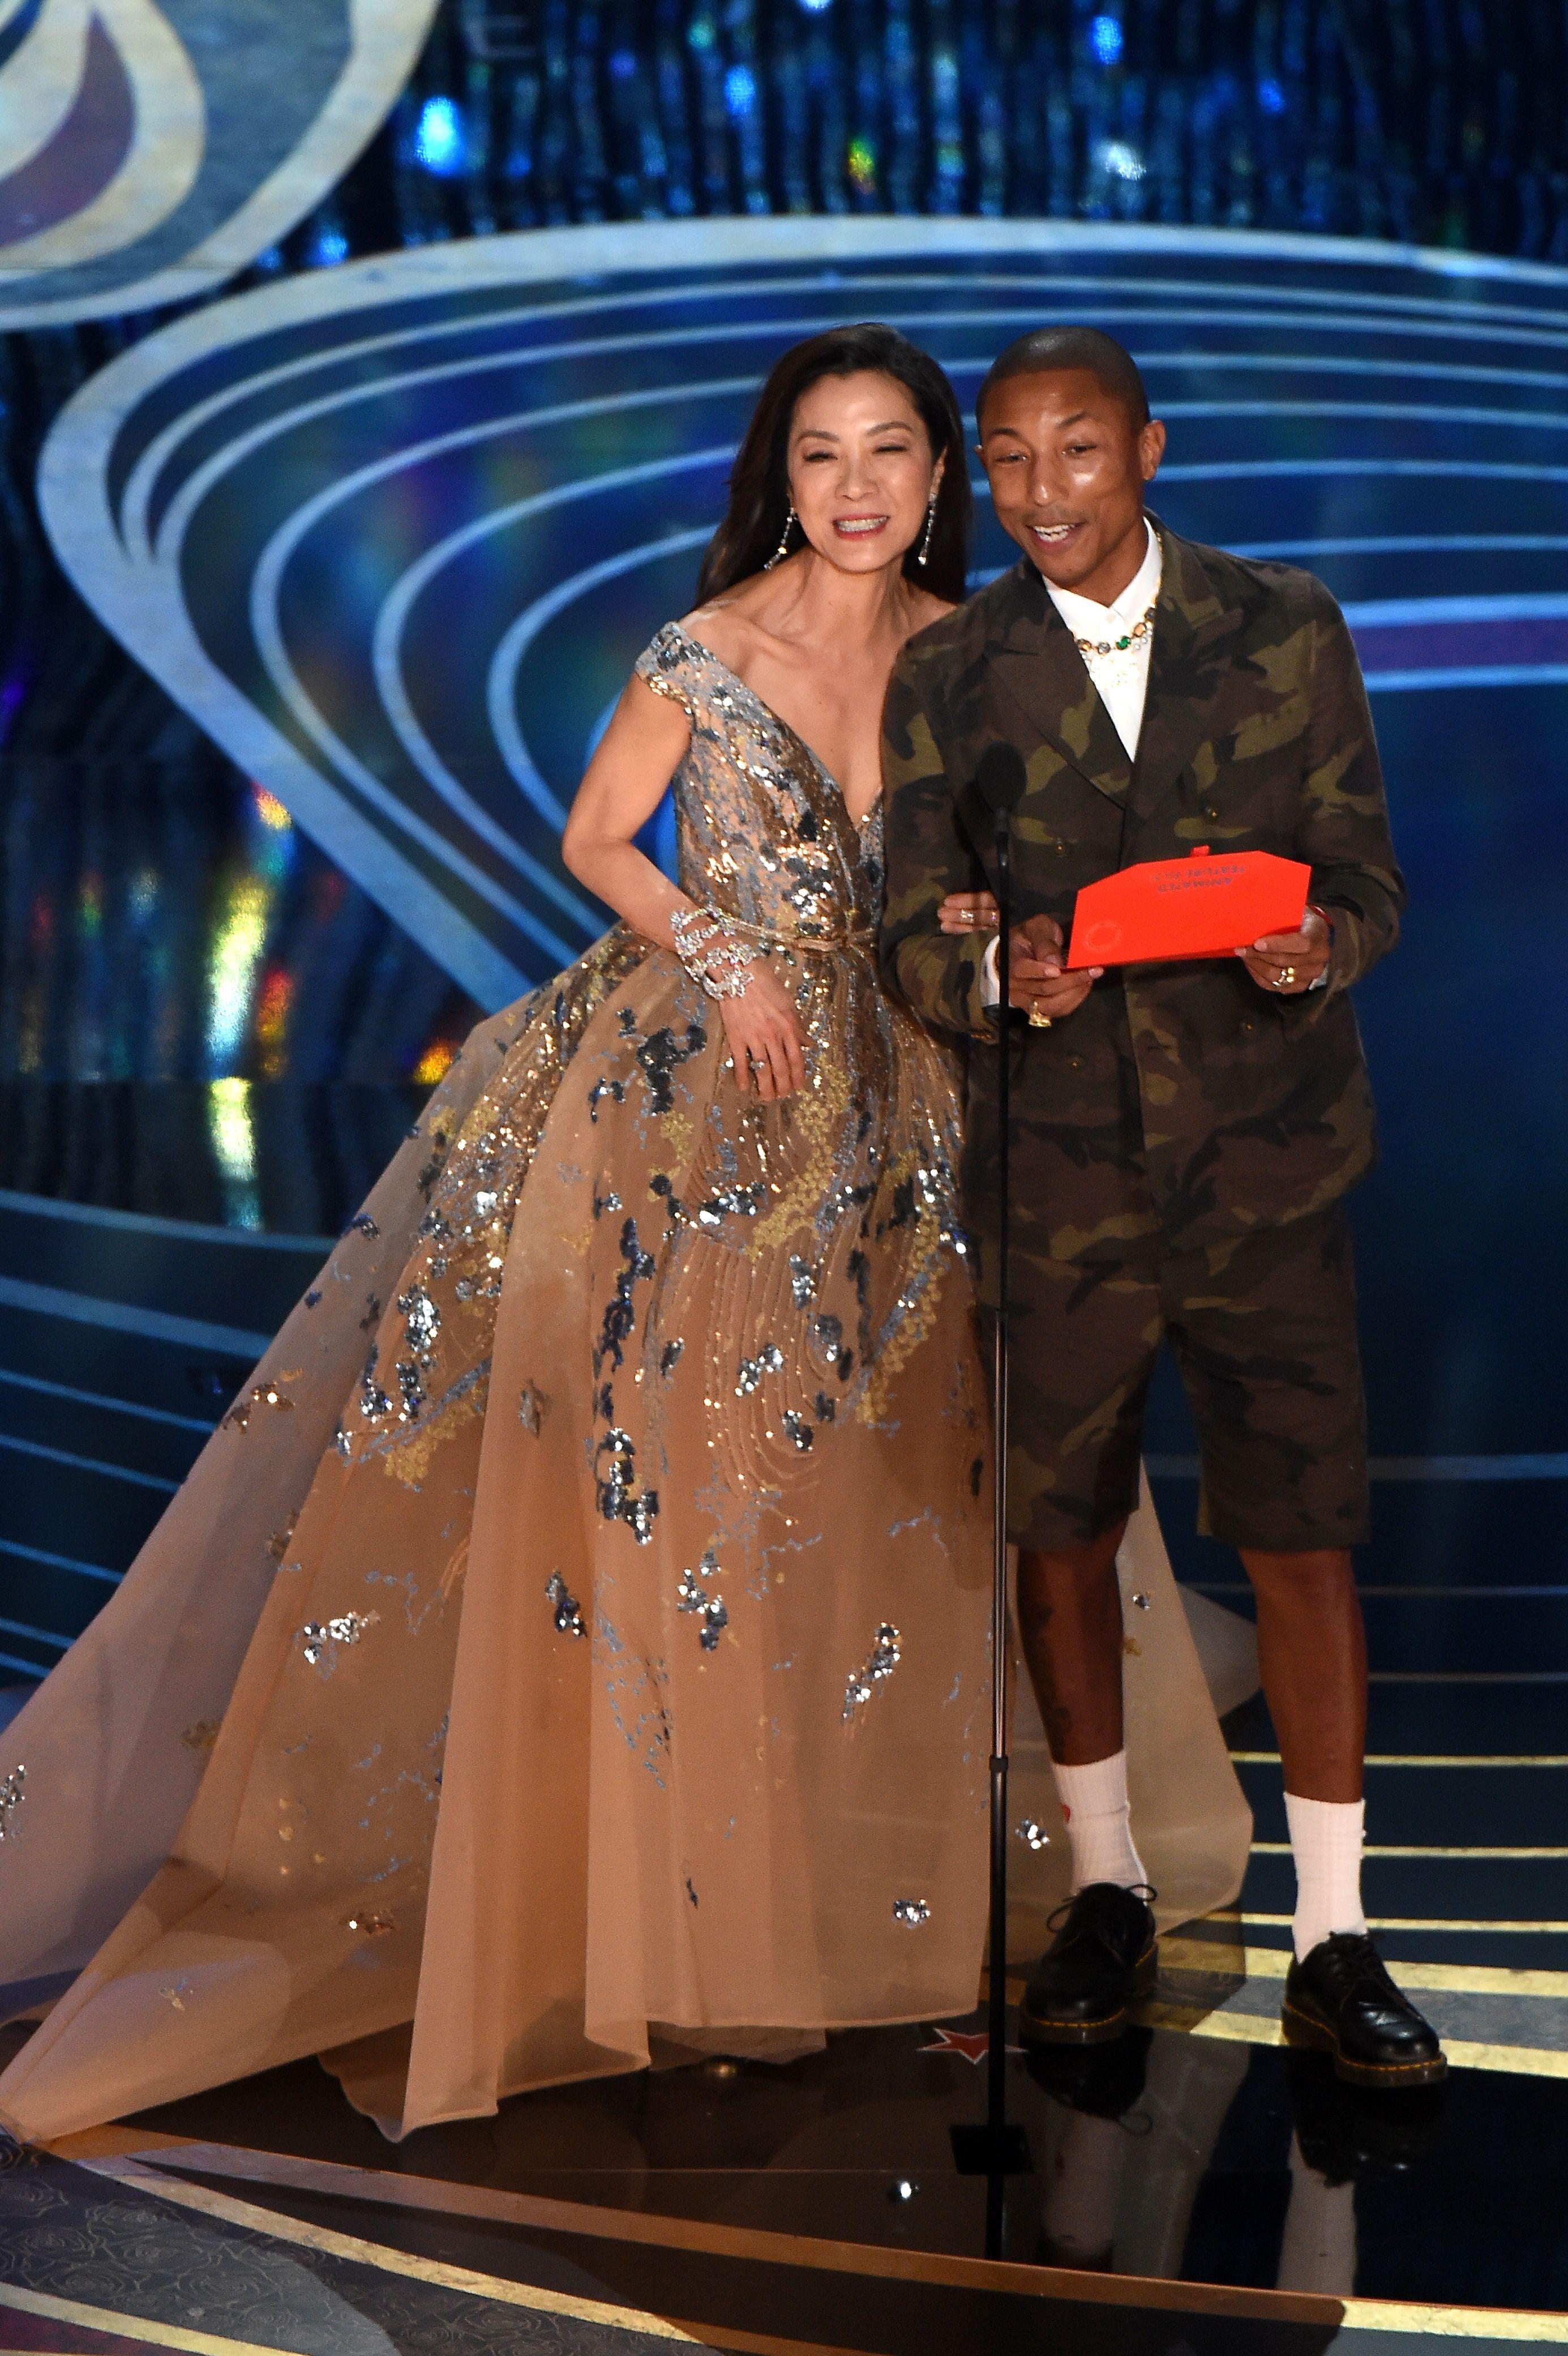 楊紫瓊與歌手Pharrell Williams上台,將最佳動畫長片獎頒發給《蜘蛛俠:跳入蜘蛛宇宙》。(VALERIE MACON/AFP/Getty Images)